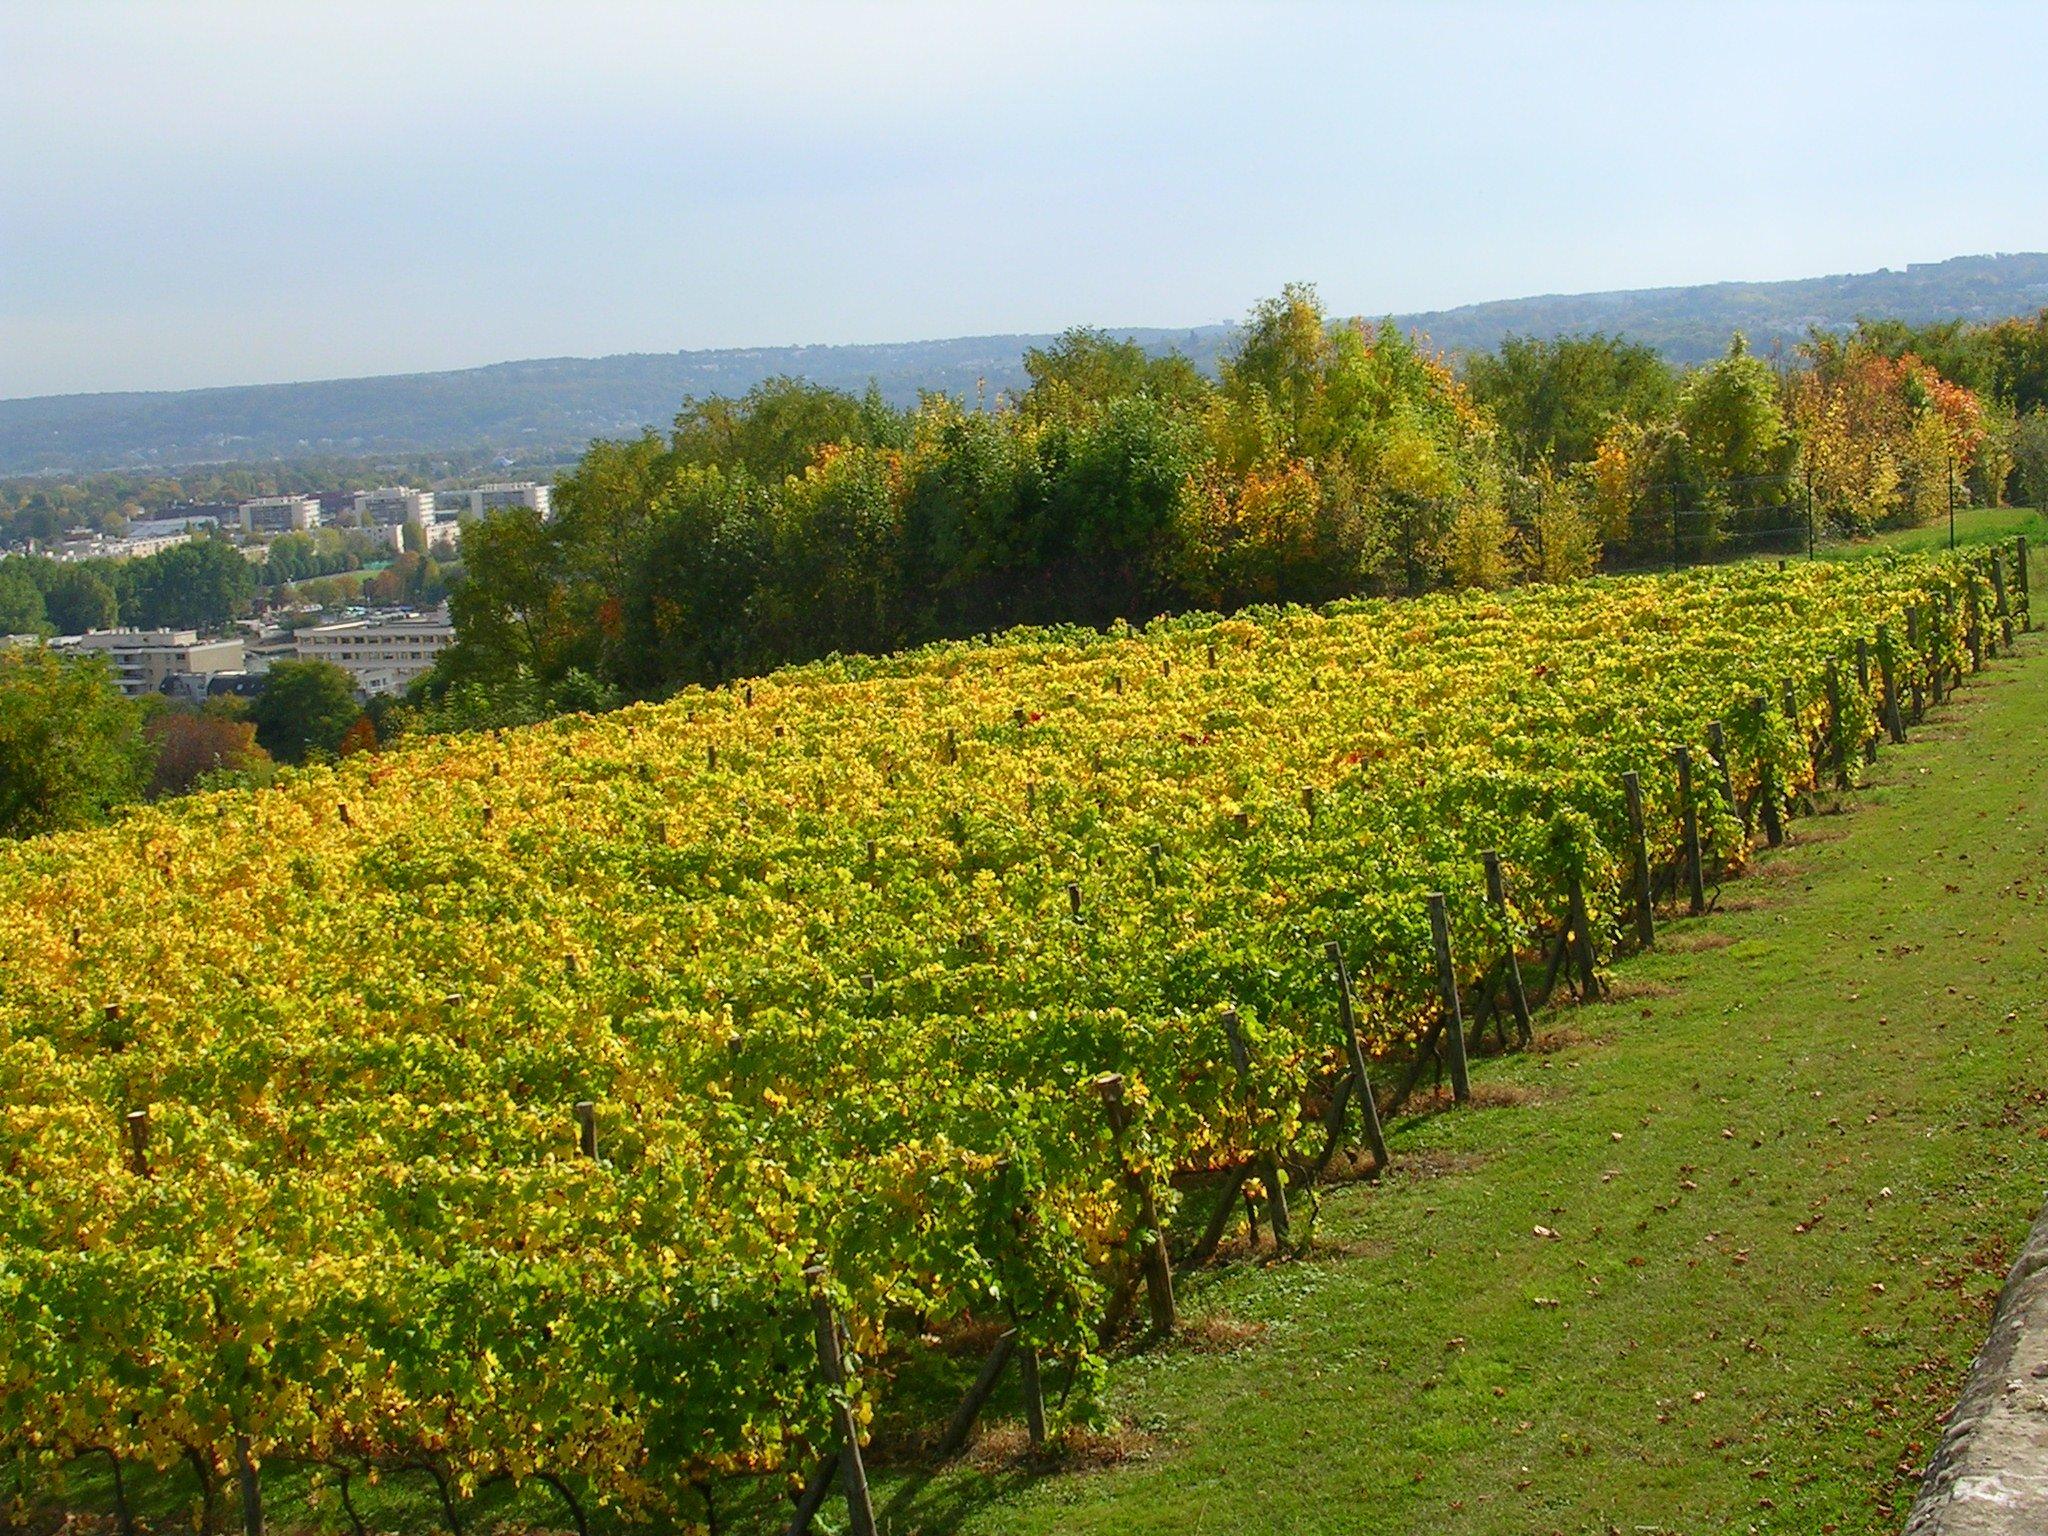 Les vignes le pecq saint germain en laye saint germain - Office de tourisme de saint germain en laye ...